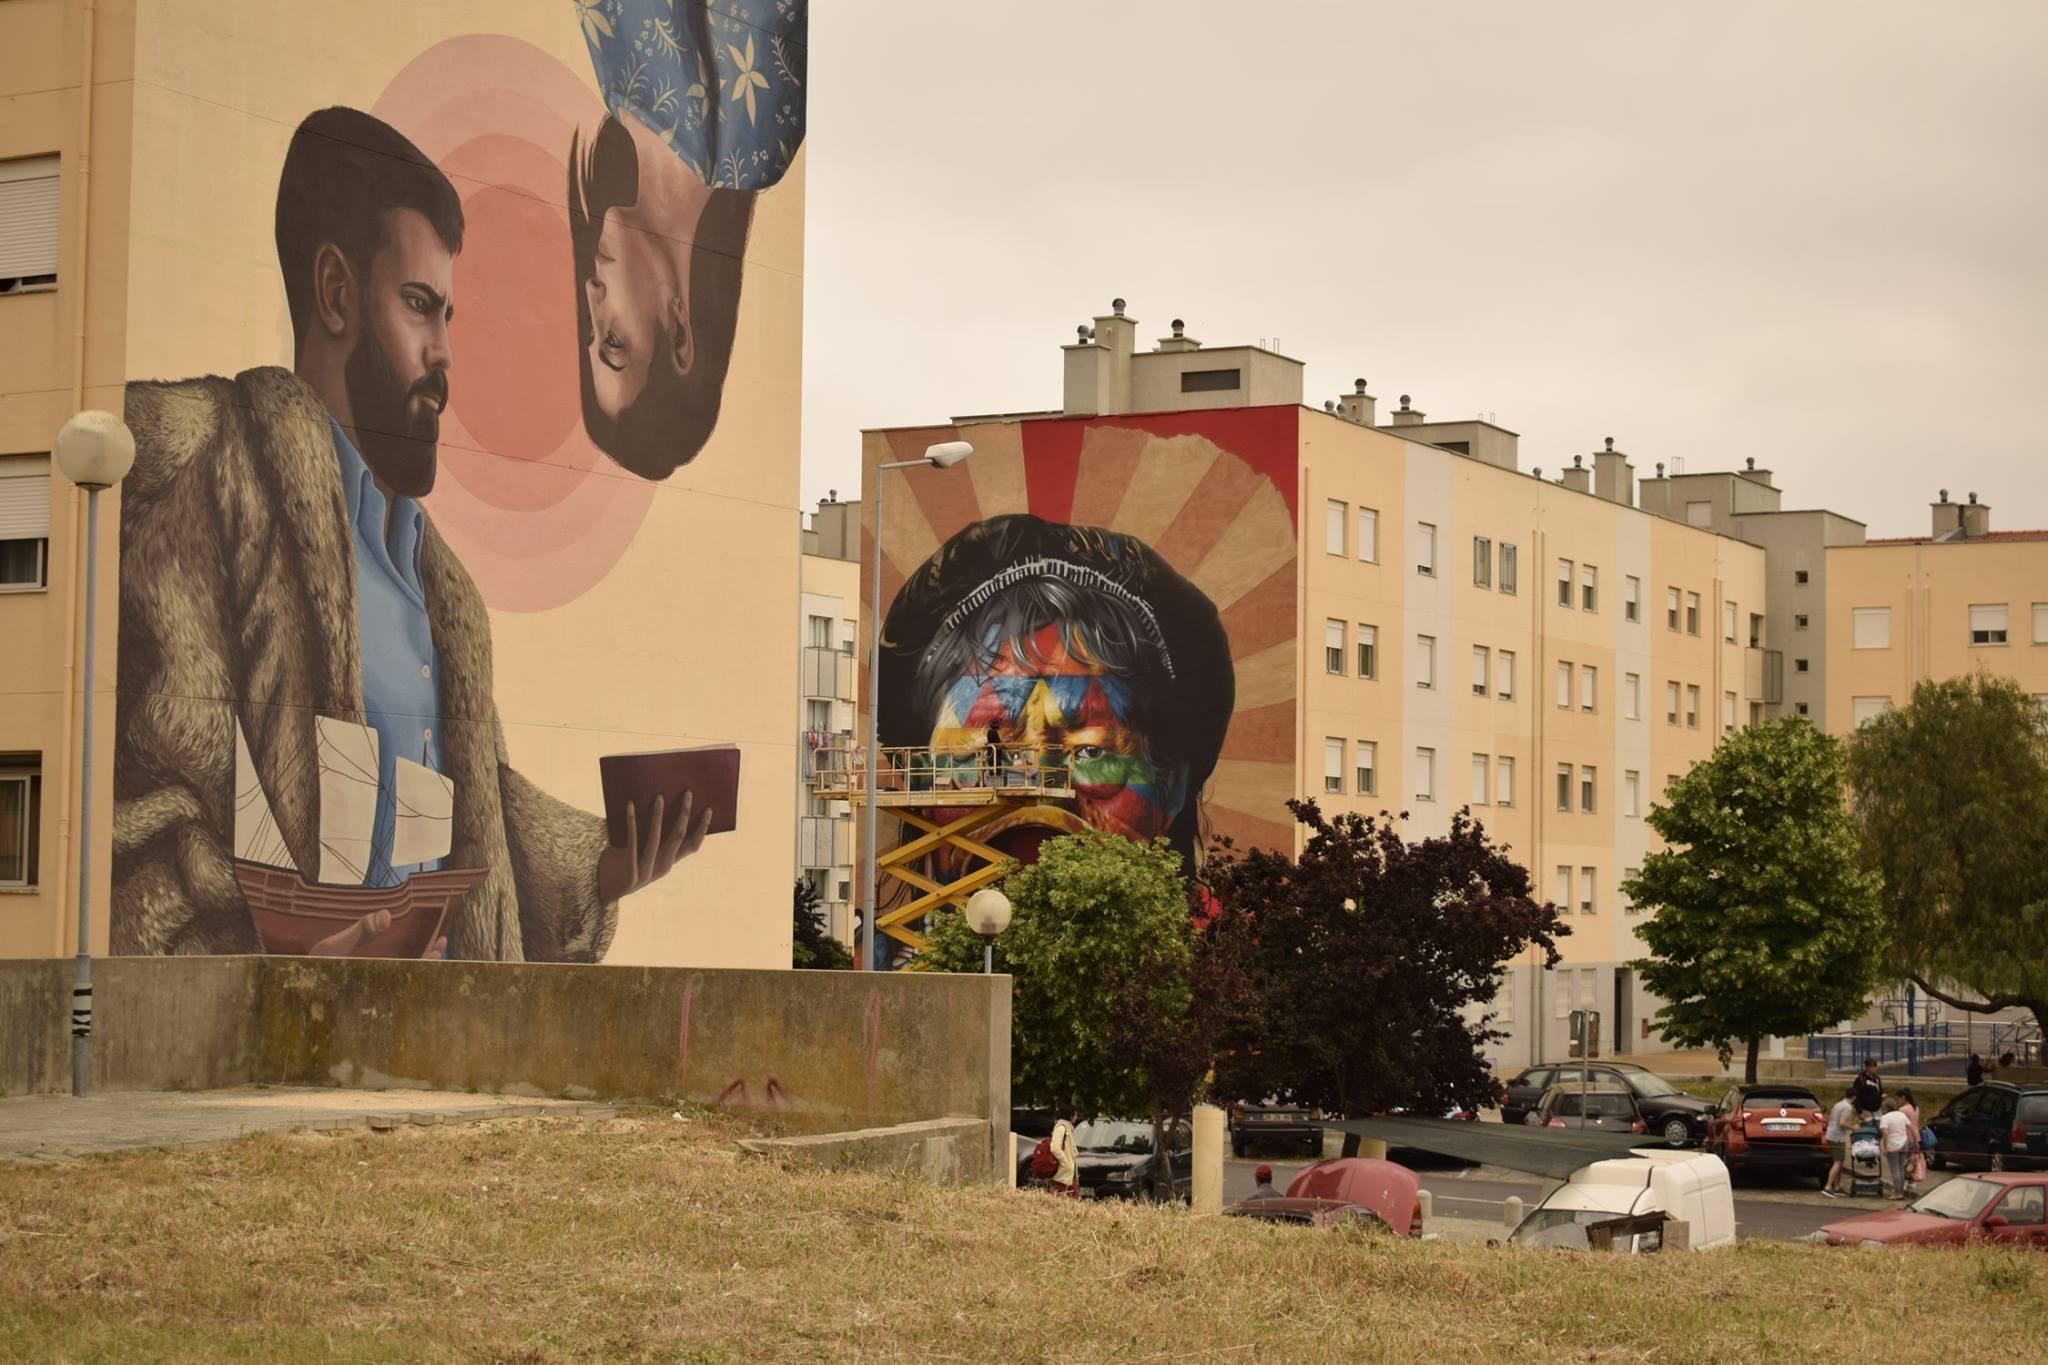 muro festival arte urbana marvila lisboa 2017 (7)